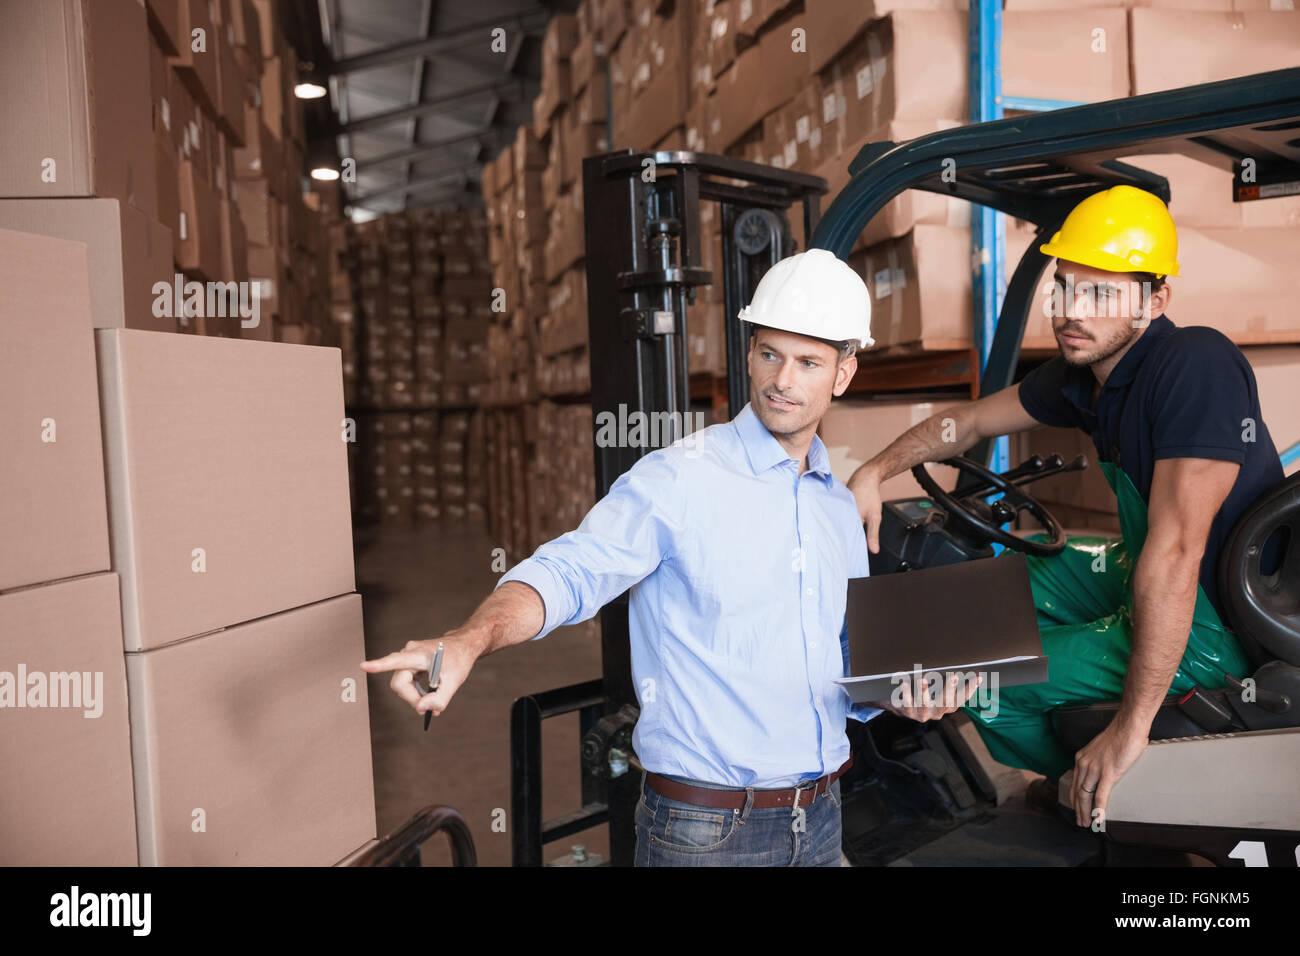 Warehouse Manager parlant avec conducteur de chariot élévateur Photo Stock